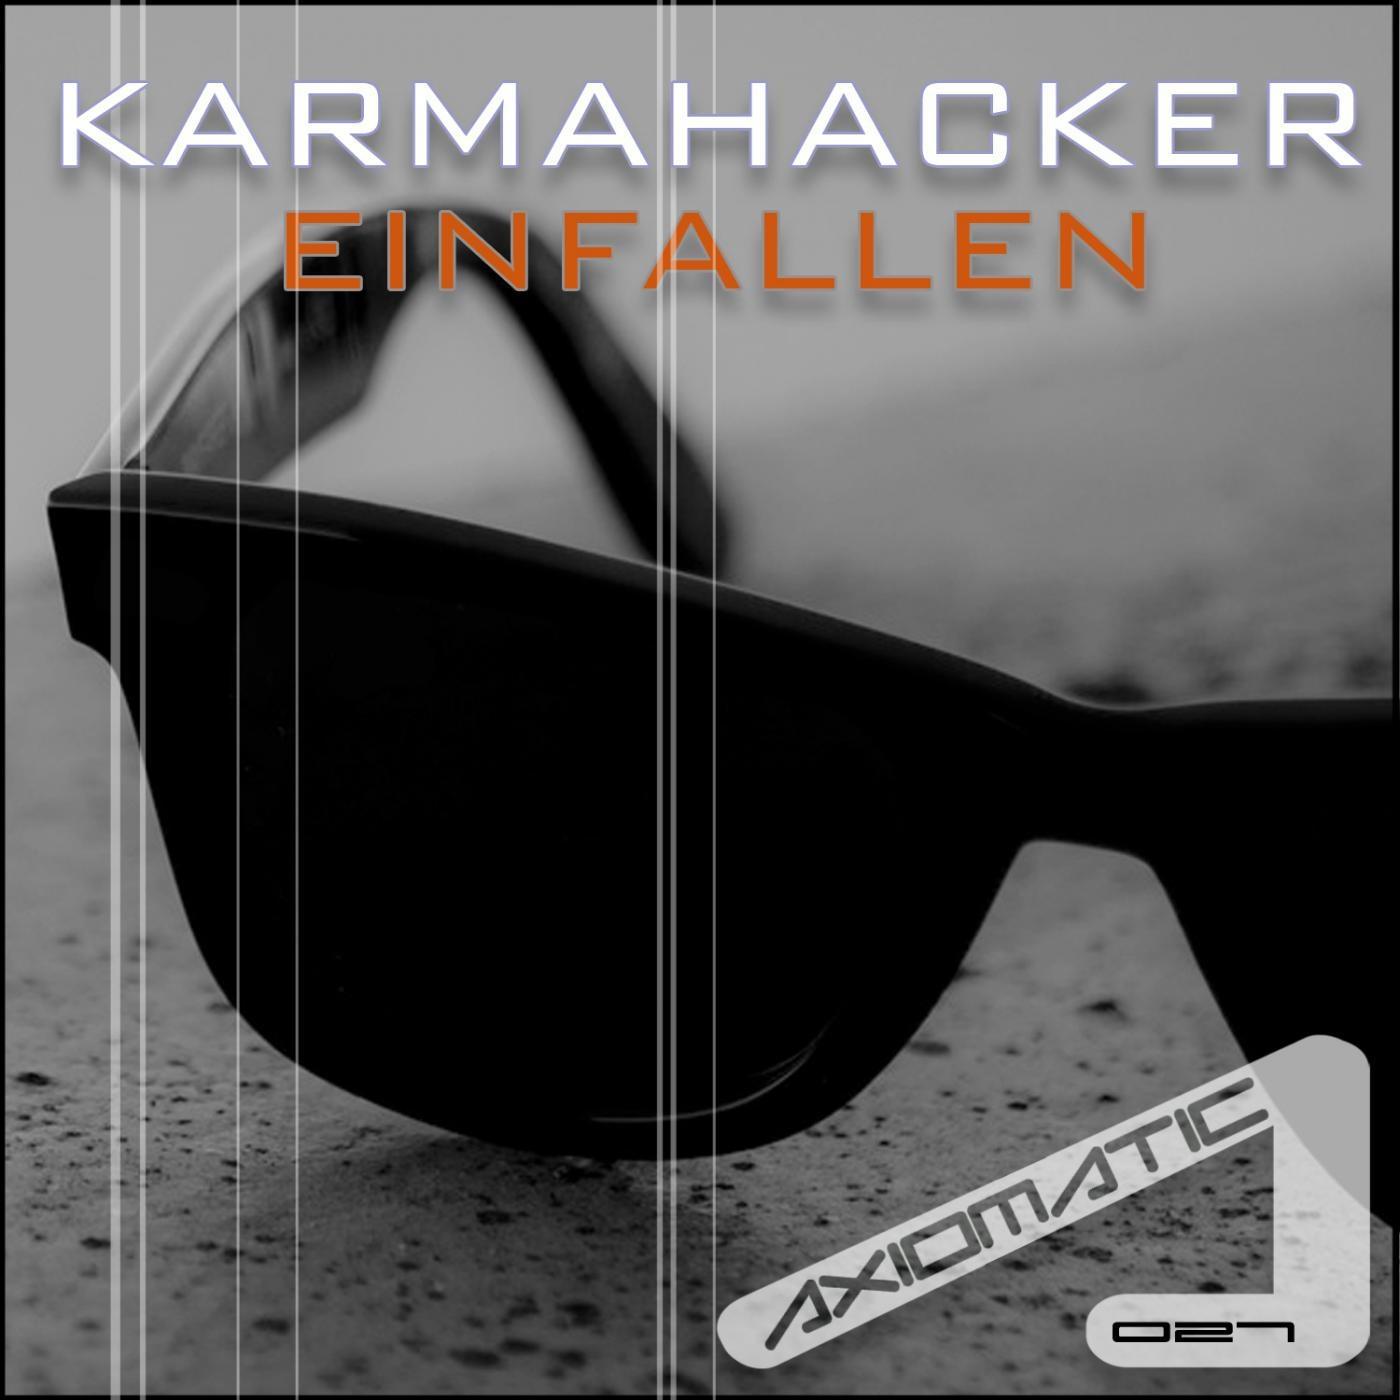 Karmahacker - Querim (Original mix)